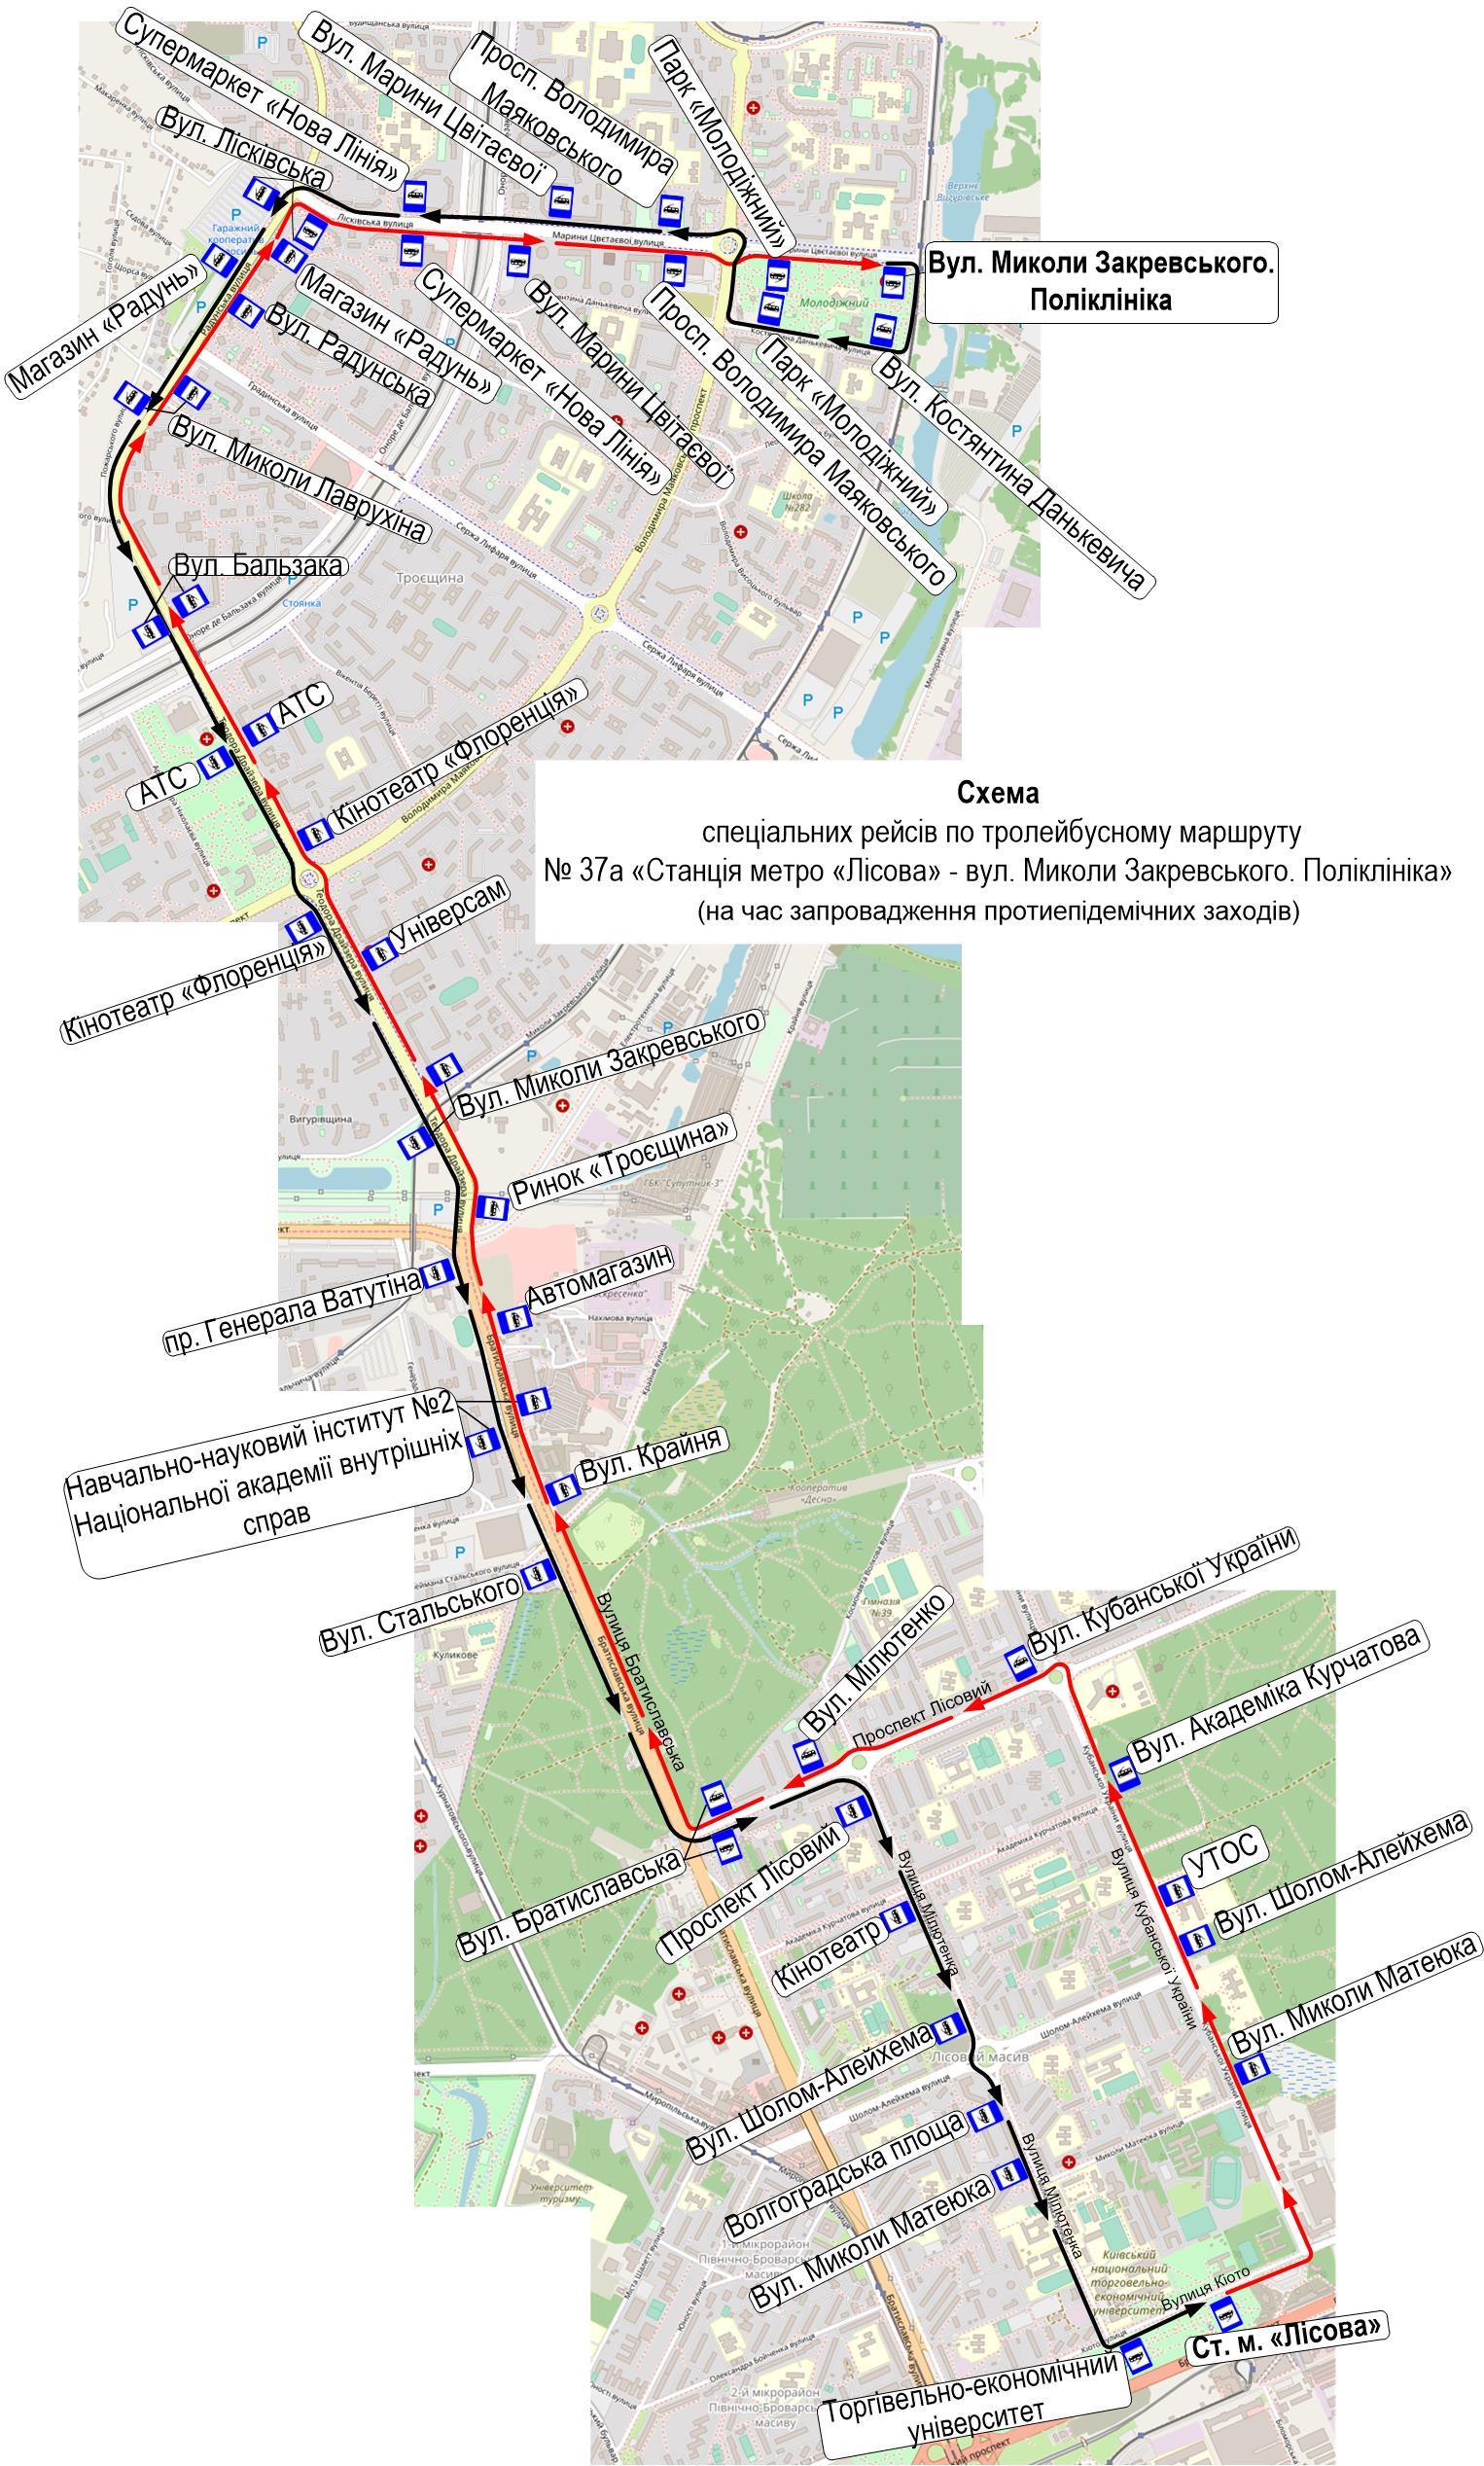 Завтра в Киеве откроют еще три маршрута общественного транспорта - схемы